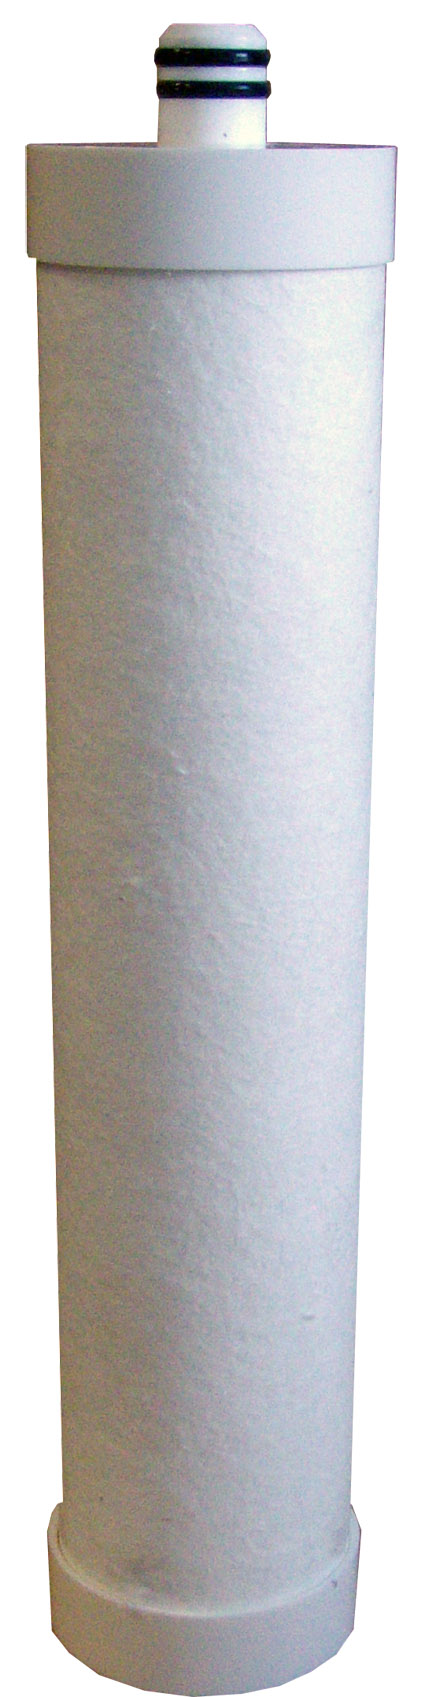 Картриджи для водных фильтров